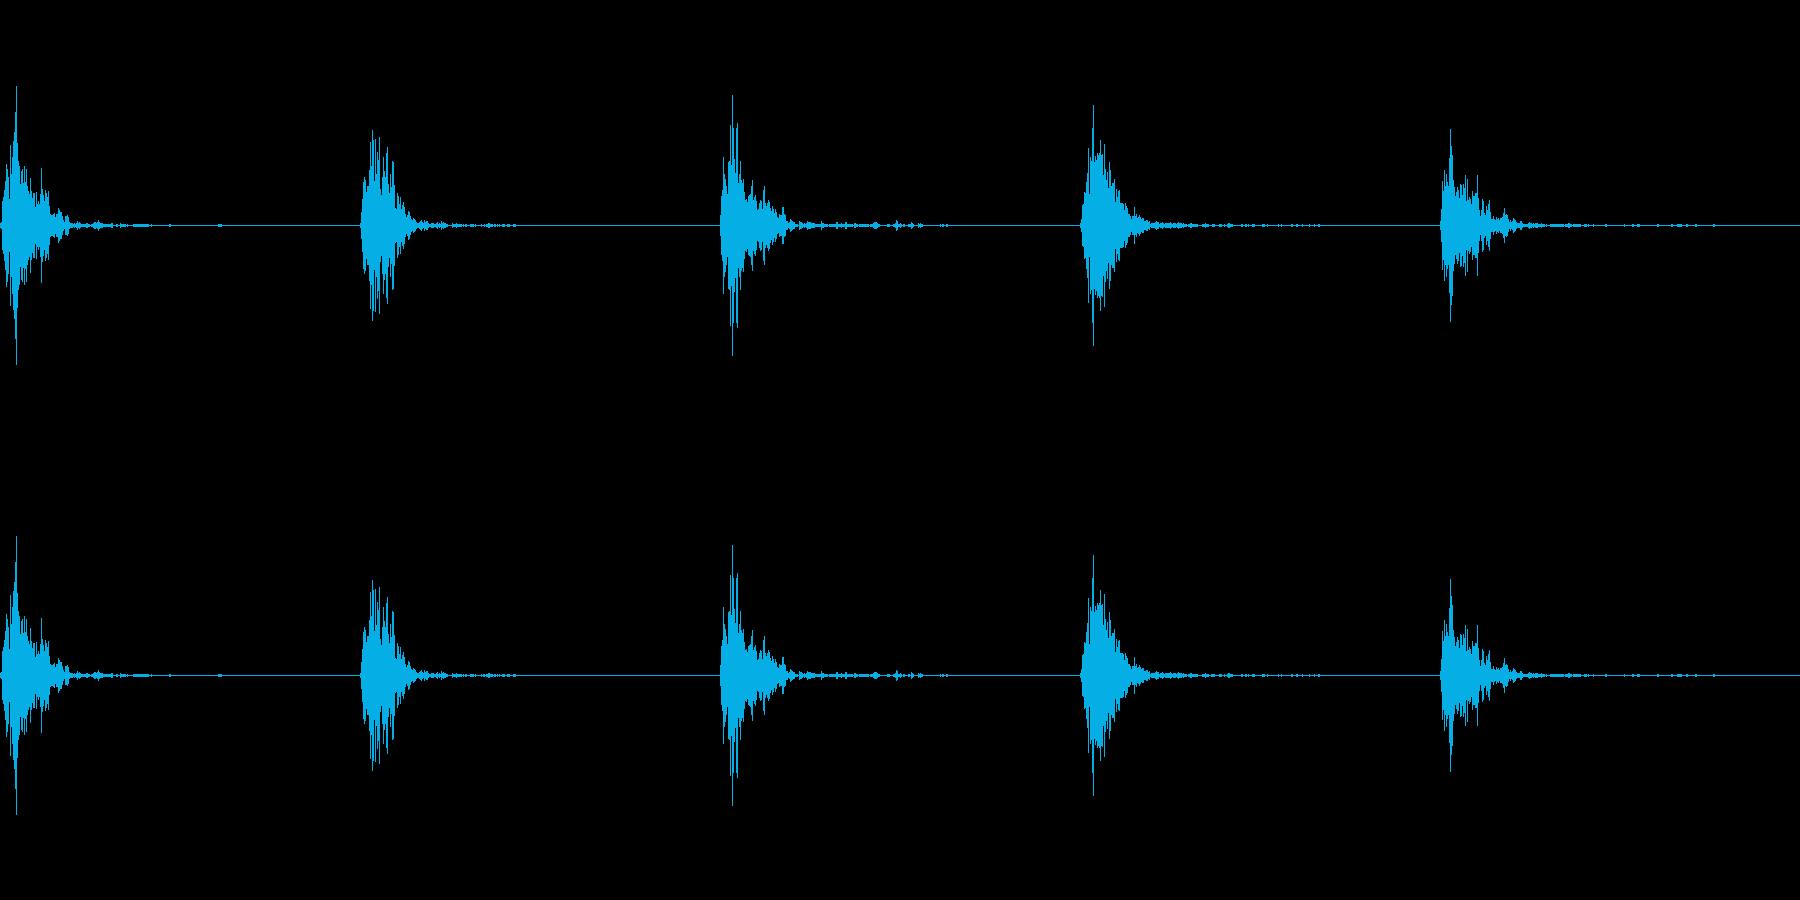 神楽鈴(小)を回して鳴らした音の再生済みの波形